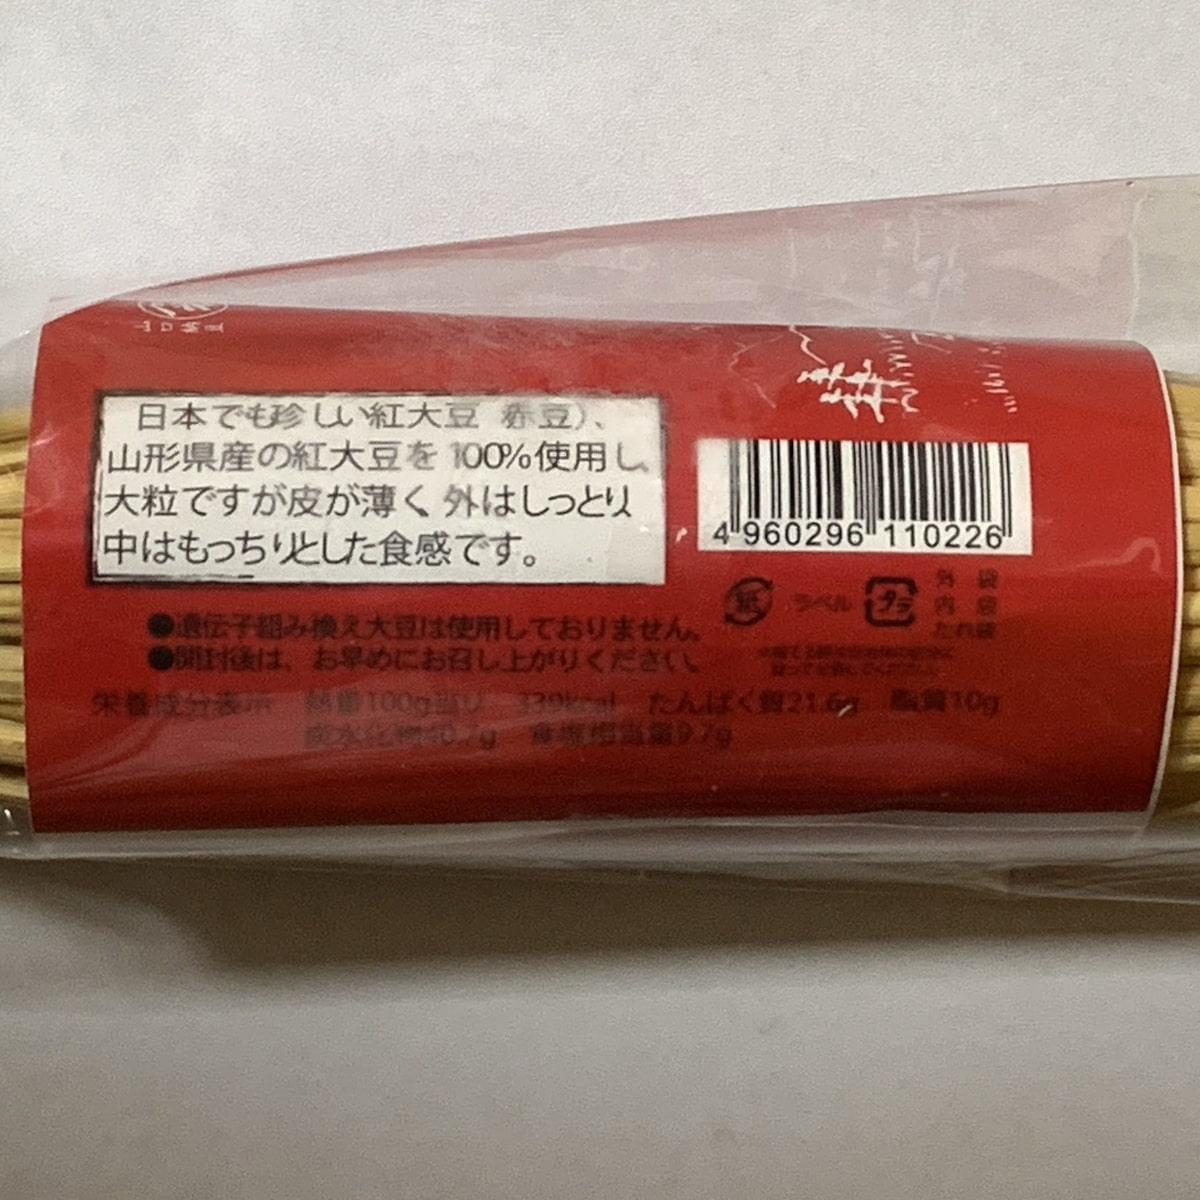 「紅豆納豆」で紅大豆について書かれている部分の画像